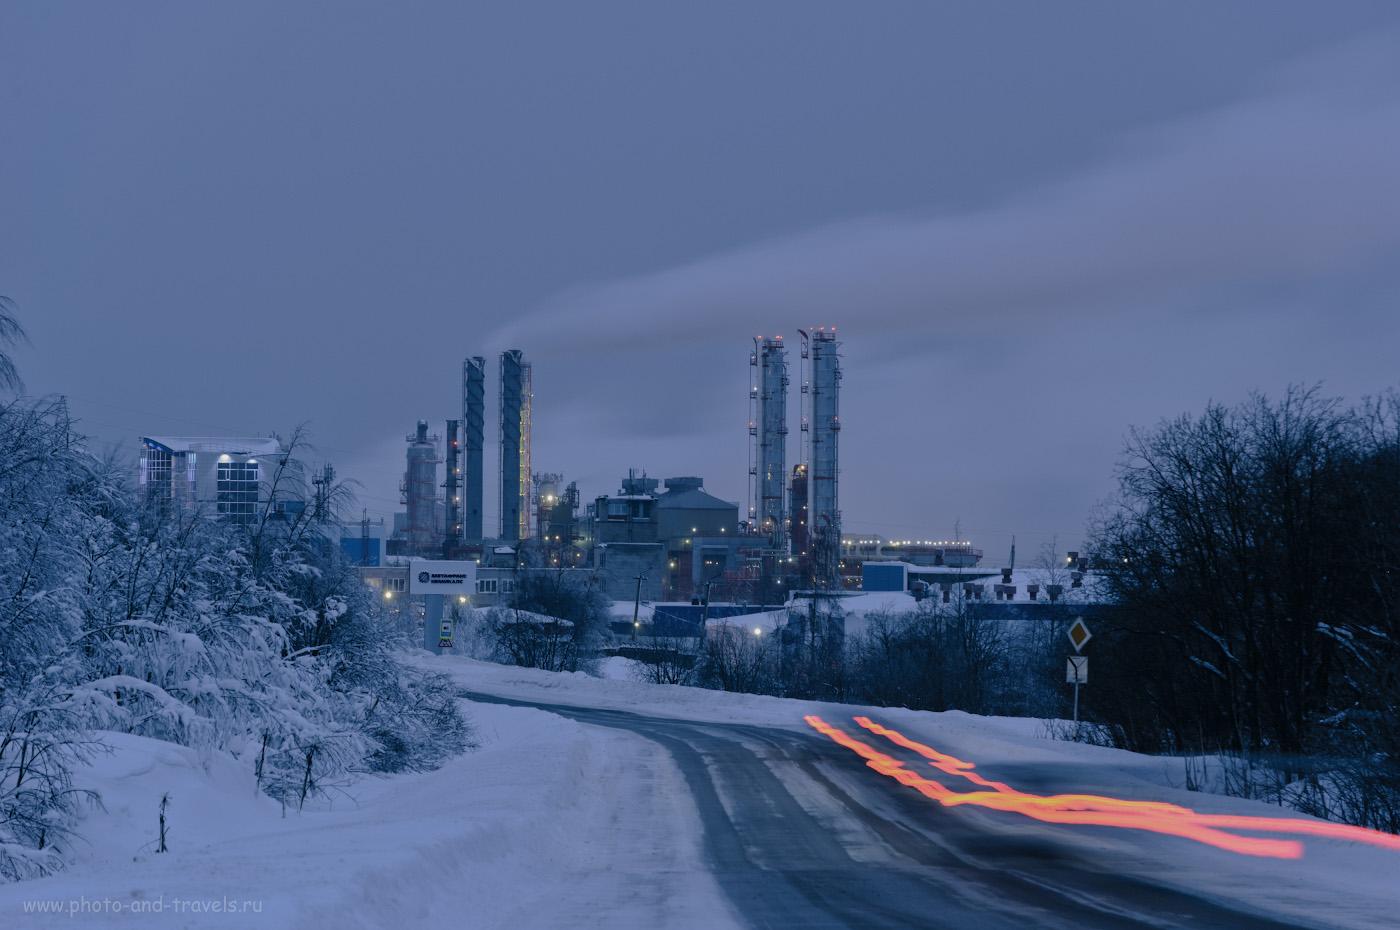 1. В Губахе расположены два крупных химических производства: Губахинский кокс и Метафракс (на фото). Настройки: В=3 сек., f/8.0, ISO 100, поправка экспозиции +1.67 EV, ФР=195 мм.